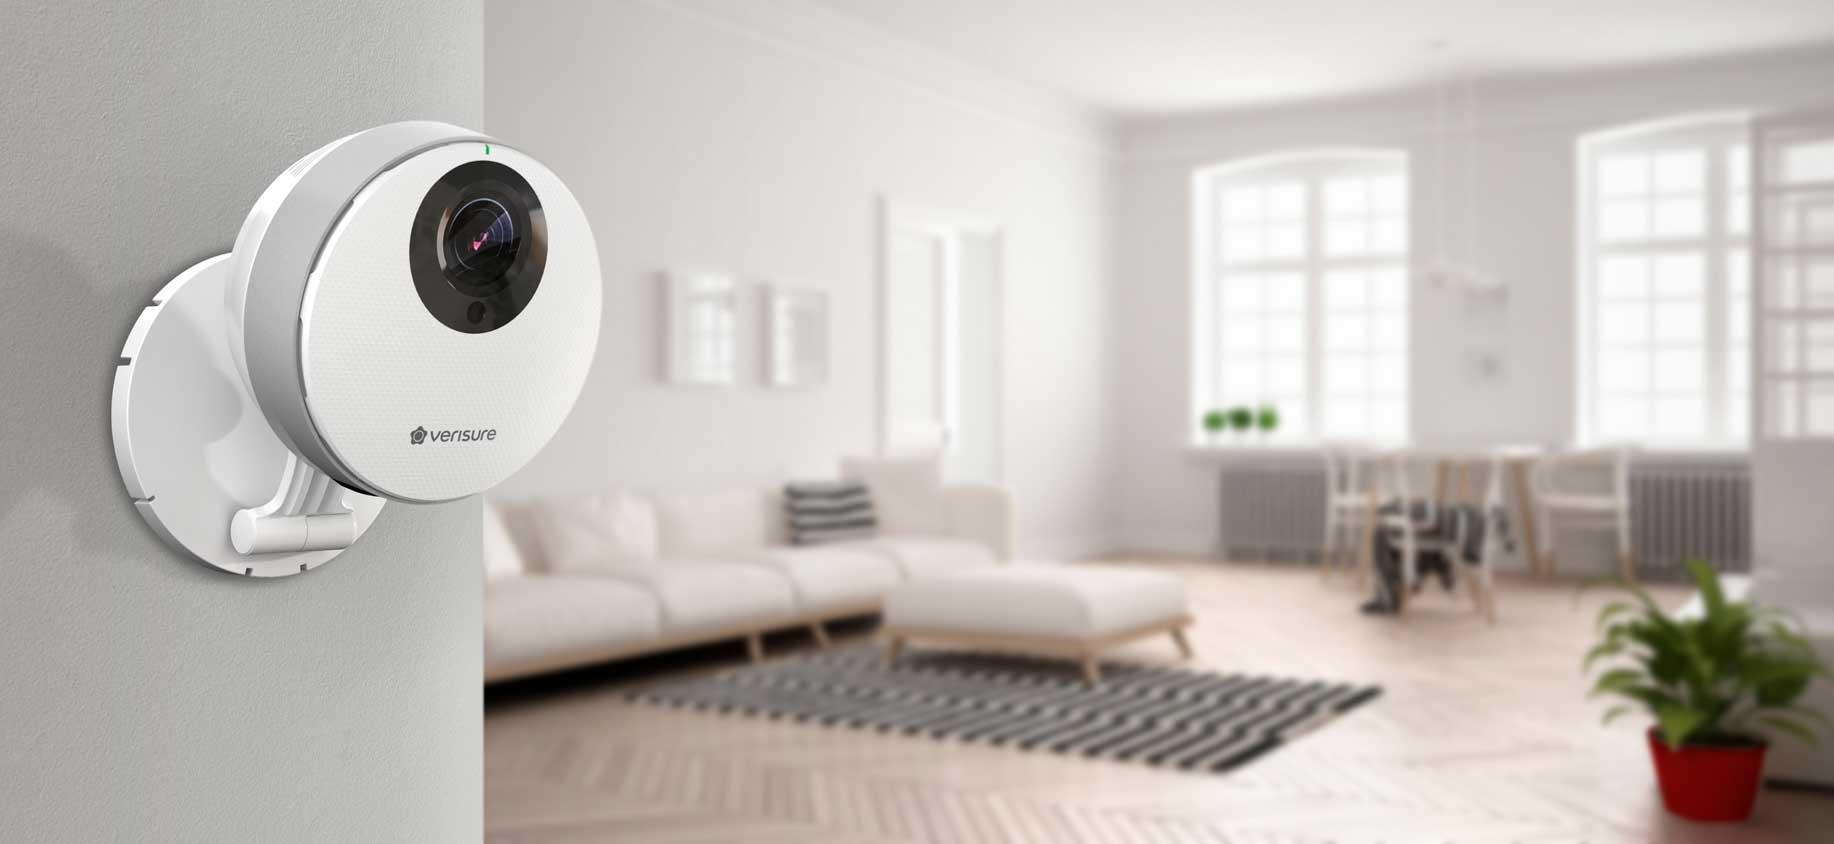 camera de surveillance verisure